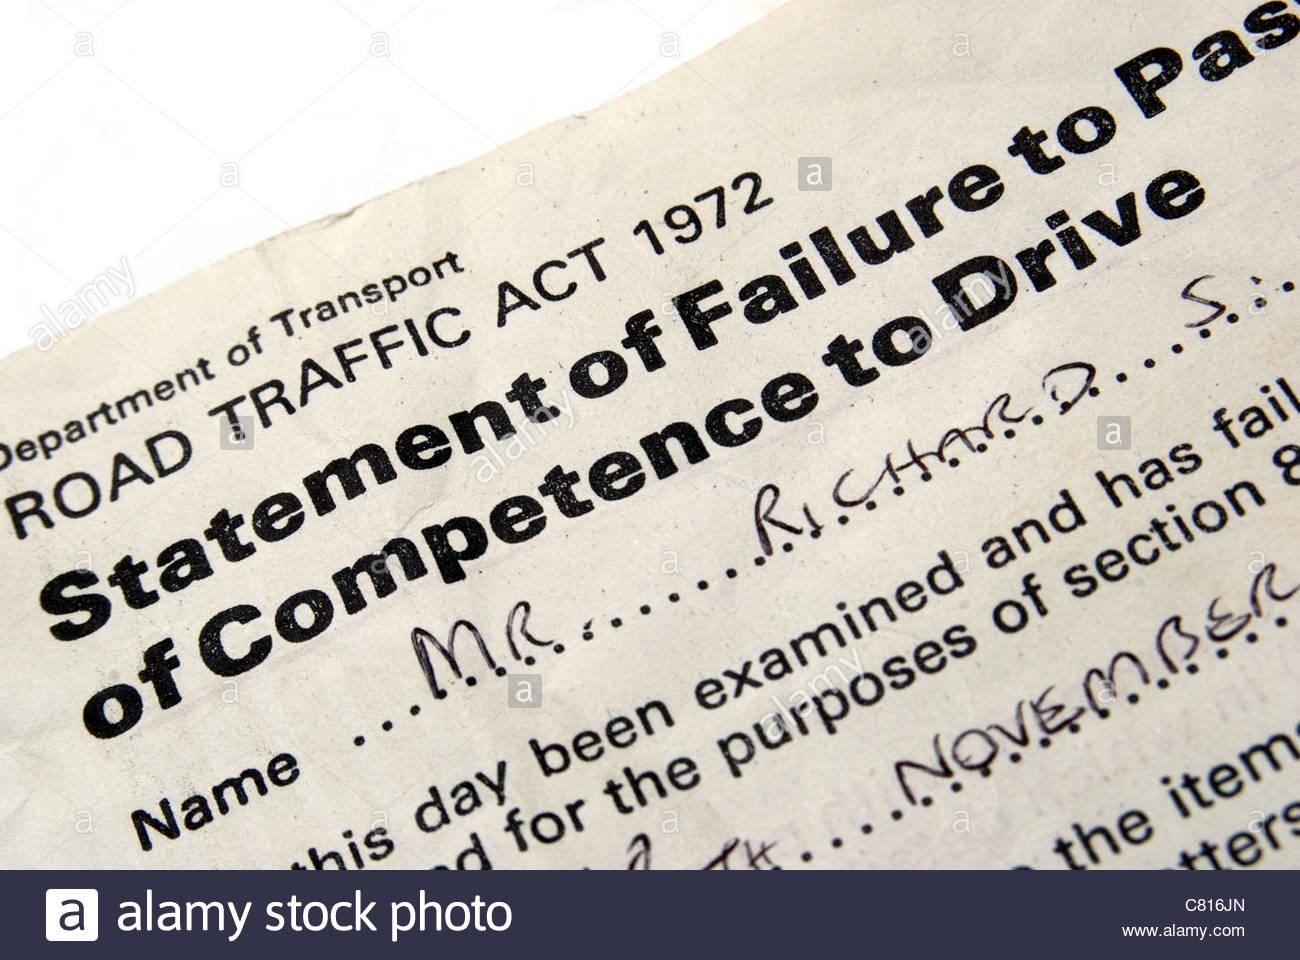 UK-Erklärung des Scheiterns, Prüfung der Kompetenz zu fahren. (Anno 1986) Stockbild